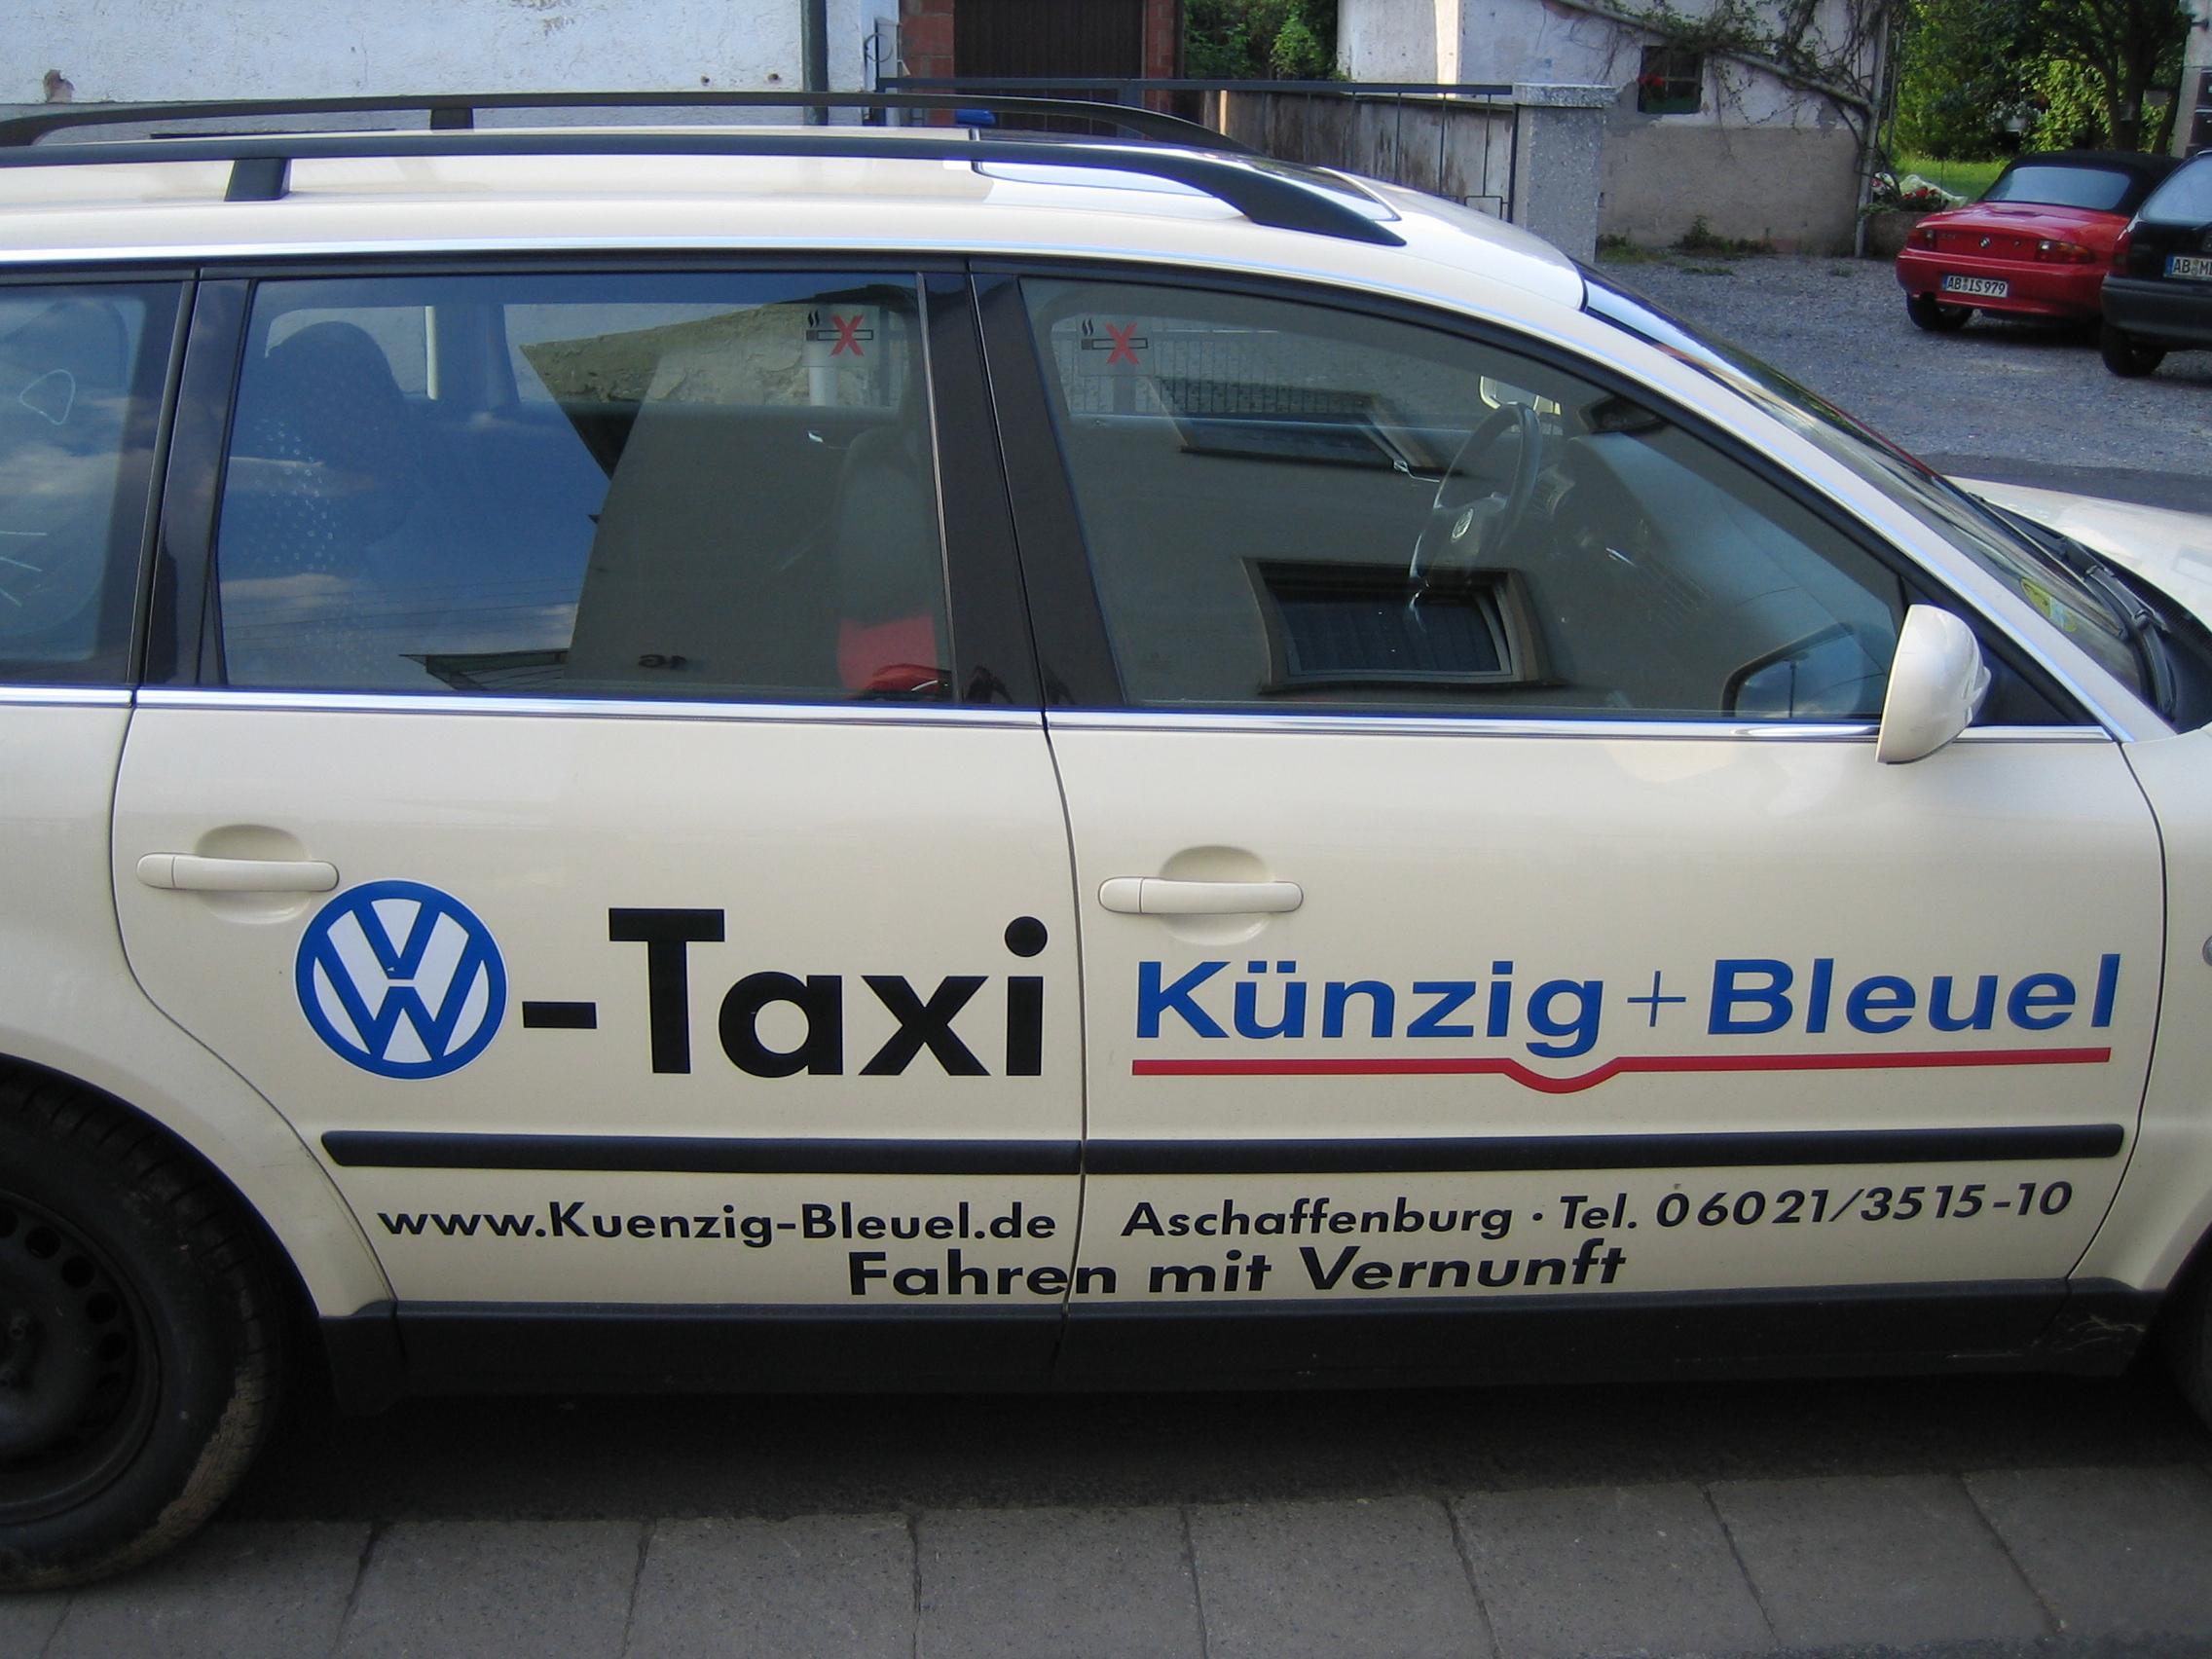 1998 - Die Passat Ära - Auf meine C Klassen folgten dann ab 1998 vier VW Passat Kombis bis 2016.Danach hat sich vieles verändert.